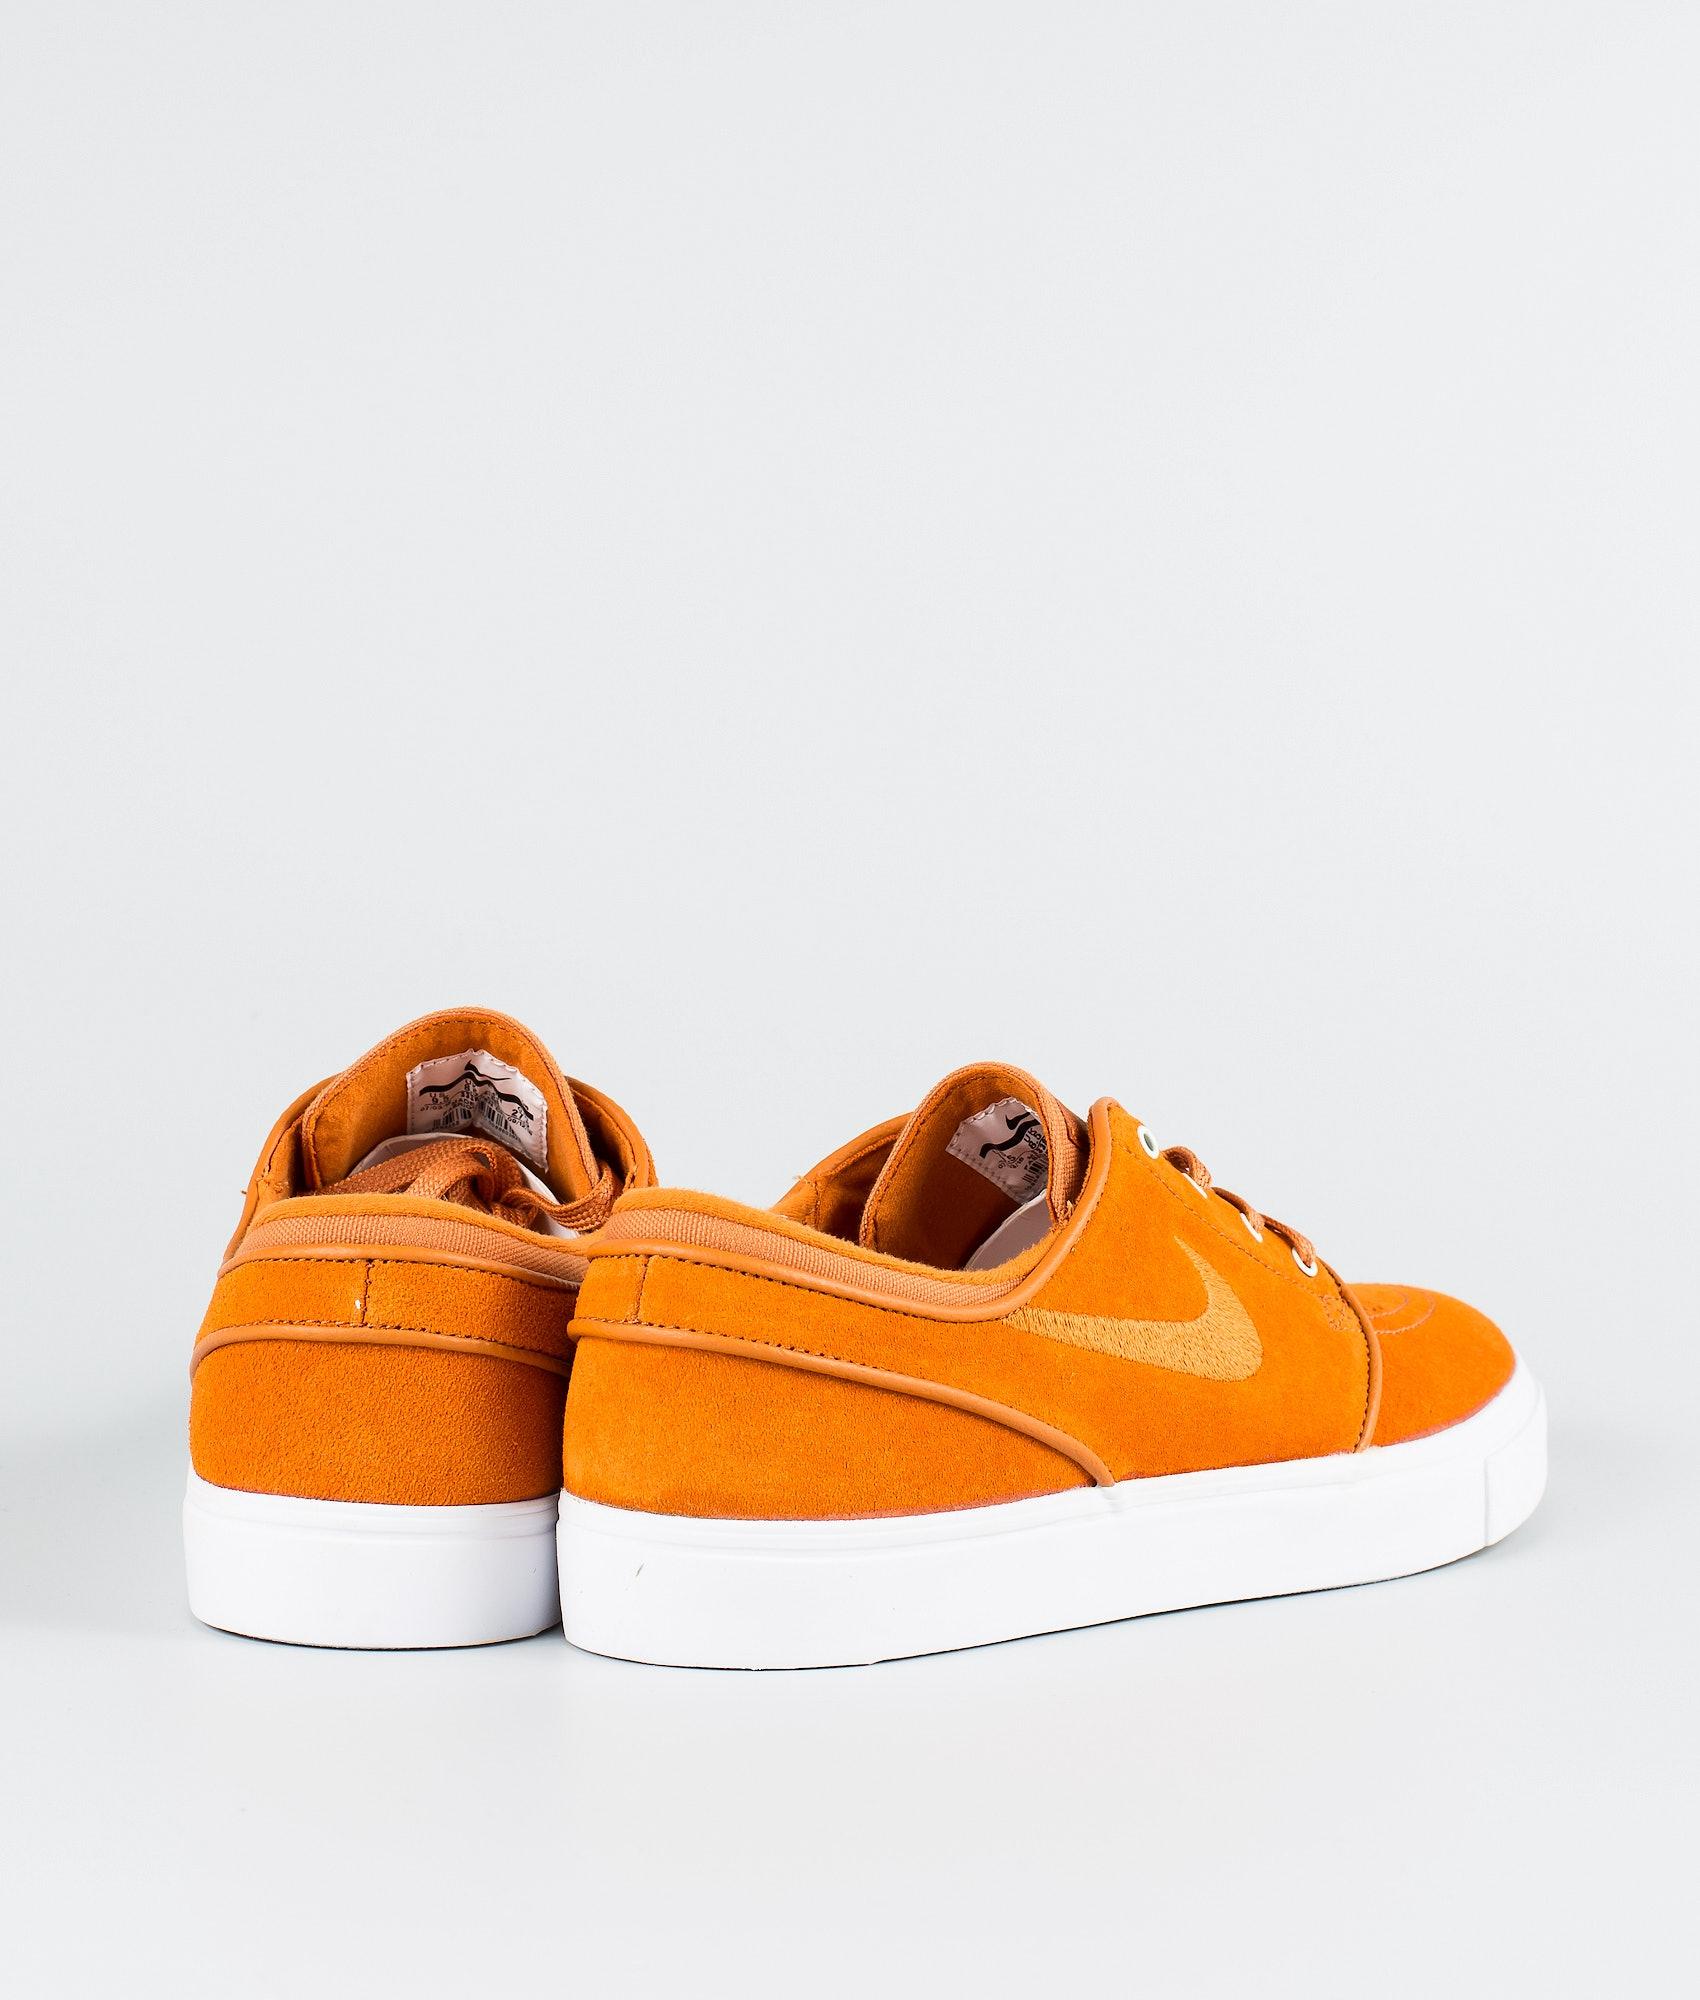 promo code 2cecc e5705 Nike Zoom Stefan Janoski Shoes